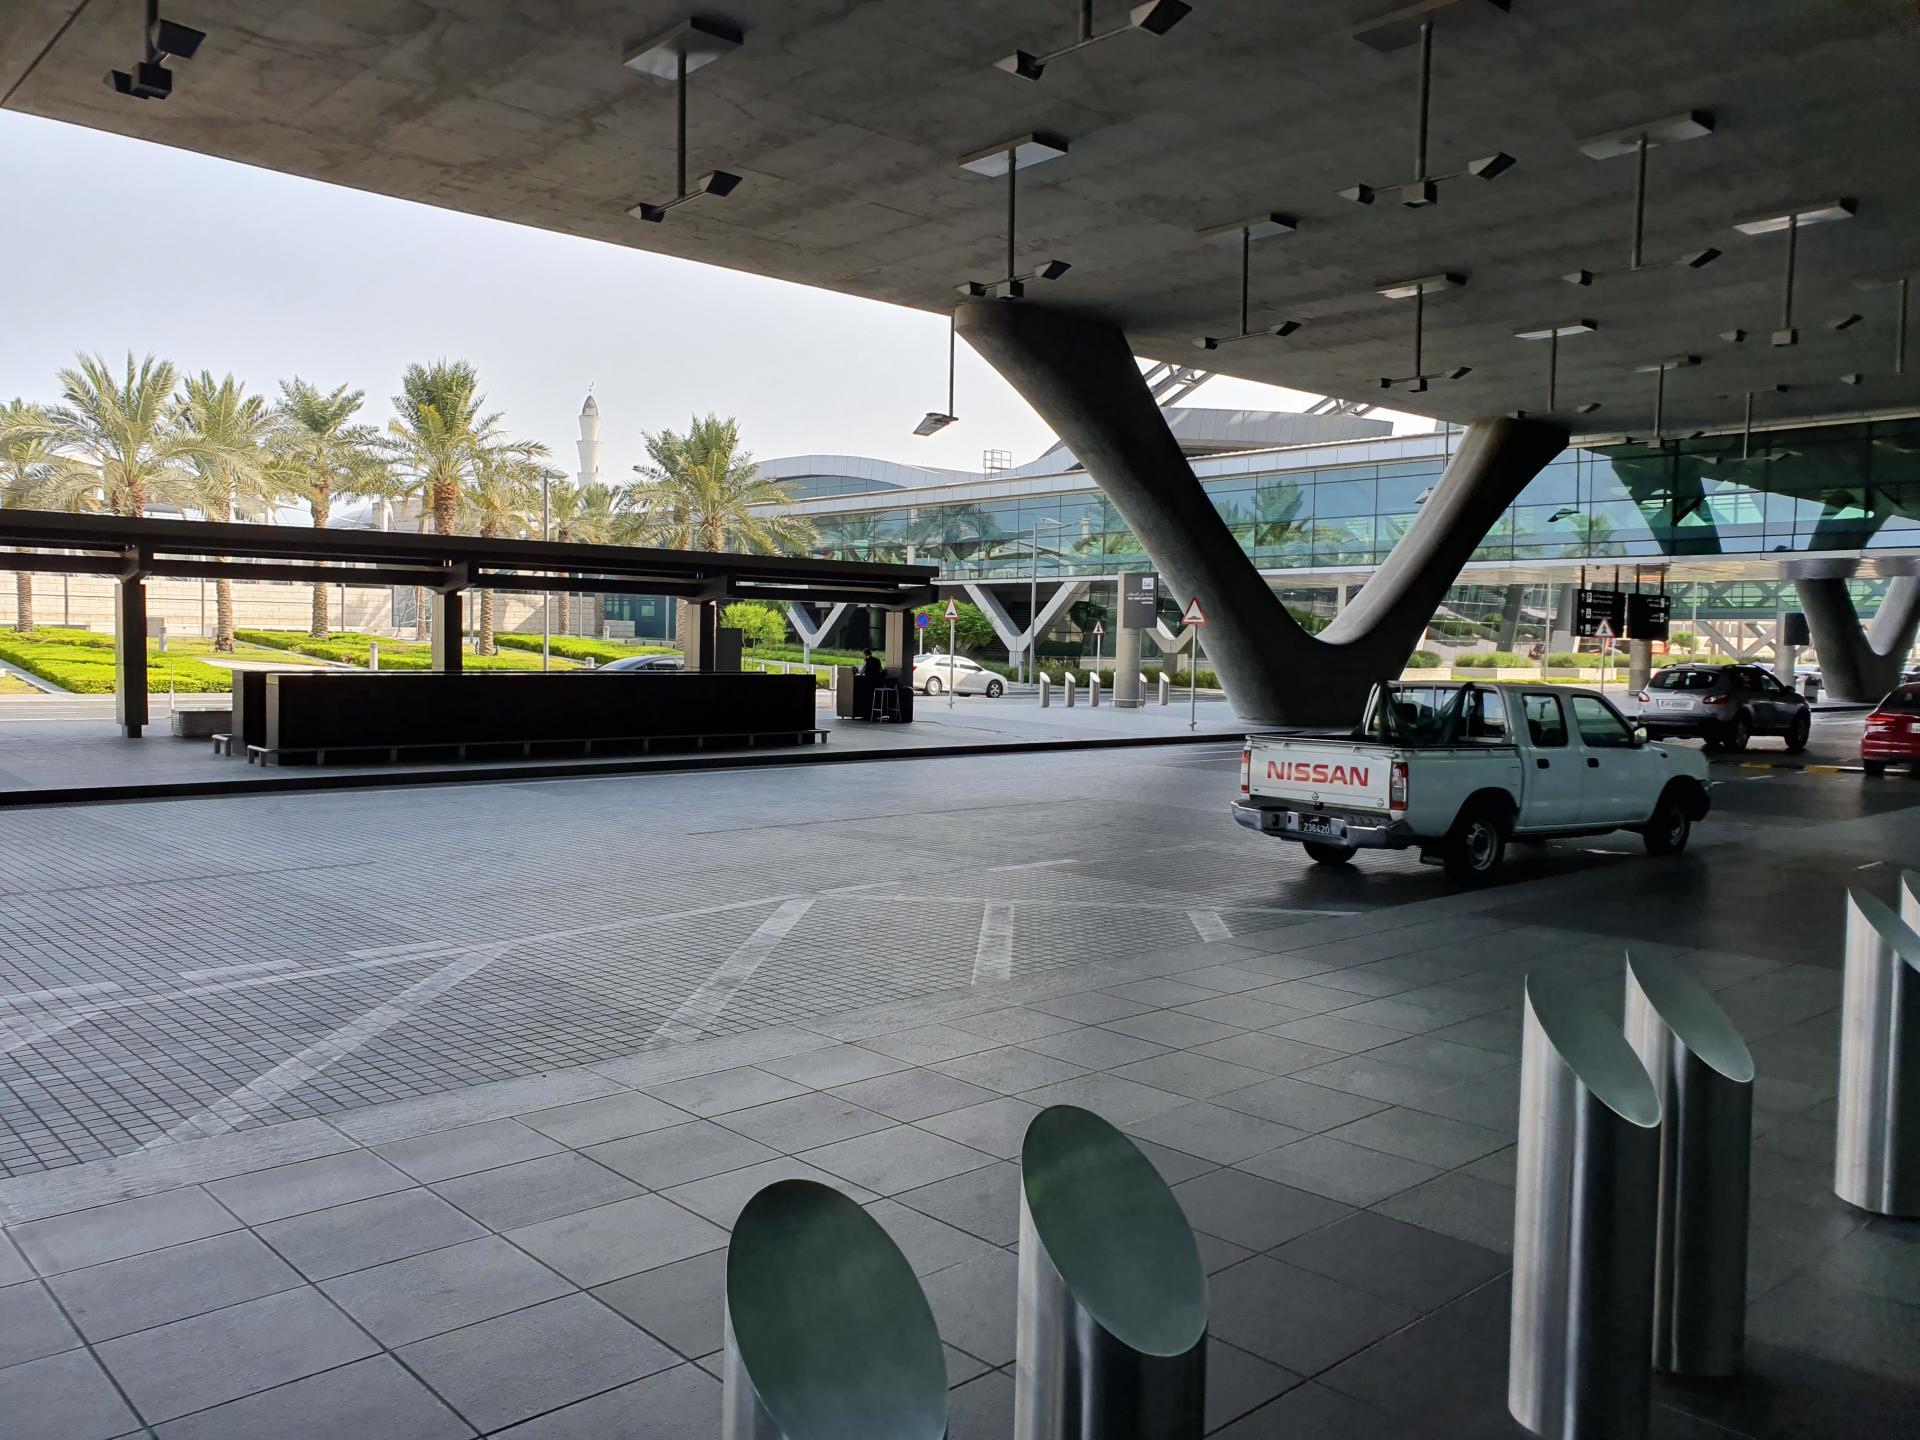 Выход из аэропорта Хамад, Доха